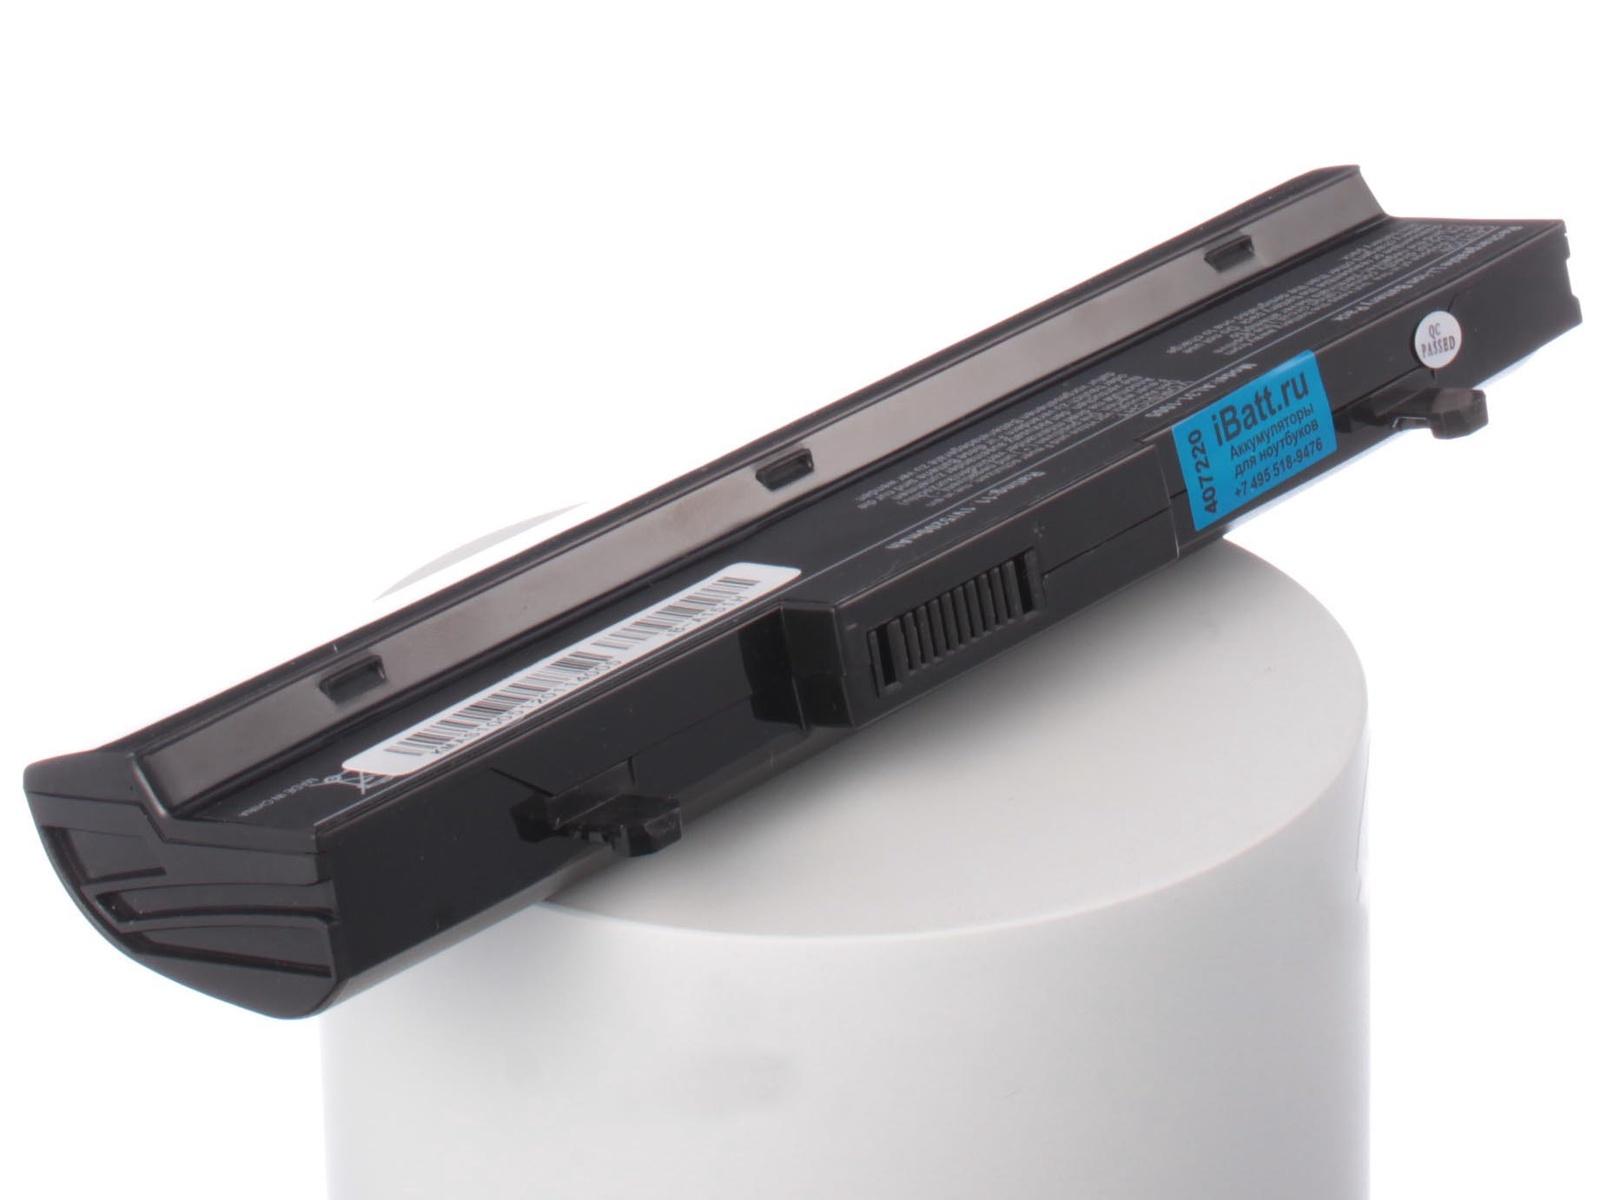 Фото - Аккумулятор для ноутбука iBatt для Asus Eee PC 1005PE, Eee PC 1005HAG, Eee PC 1001PG, Eee PC 1001HAG, Eee PC 1101, Eee PC 1005PR, Eee PC 1005H, Eee PC 1001PQ, Eee PC 1005HAB, Eee PC R105, Eee PC 1005HA-V, Eee PC R101 аккумуляторная батарея topon top 1005h 5200мач для ноутбуков asus eee pc 1001px 1001ha 1005ha 1005hag 1005he 1005hr 1005peb 1101ha